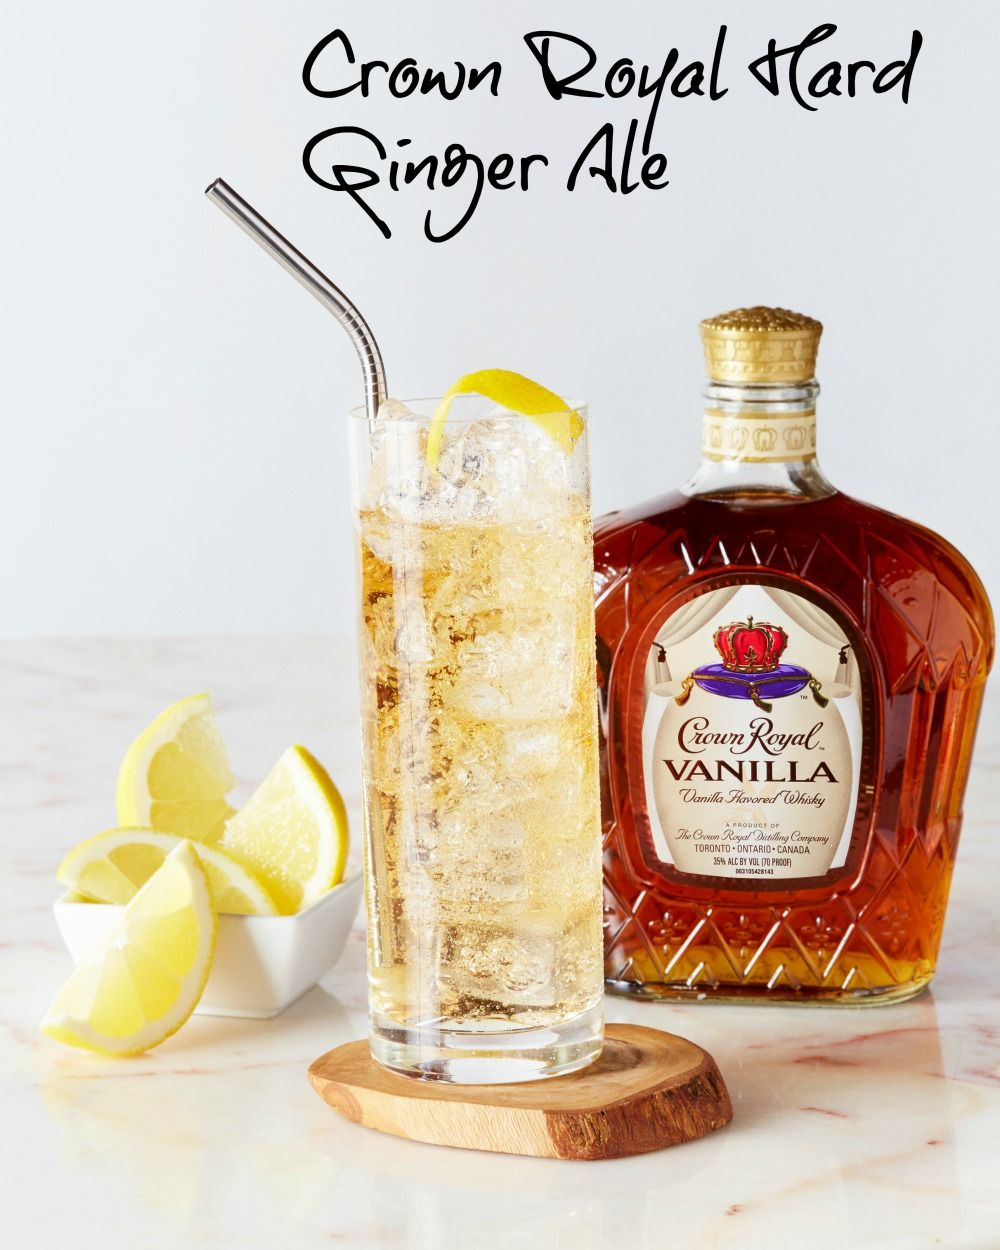 Crown Royal Vanilla Cocktail Recipes … | Pinteres…